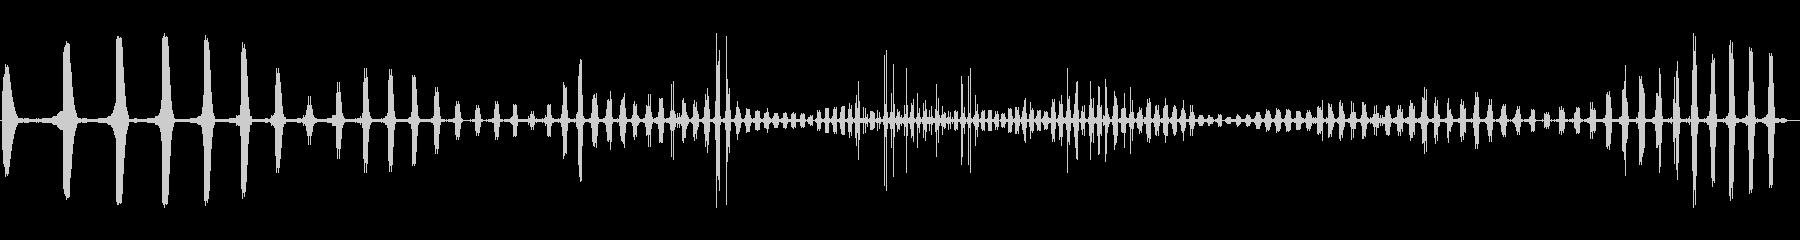 コミカル飛行音(飛んでまた着陸)の未再生の波形